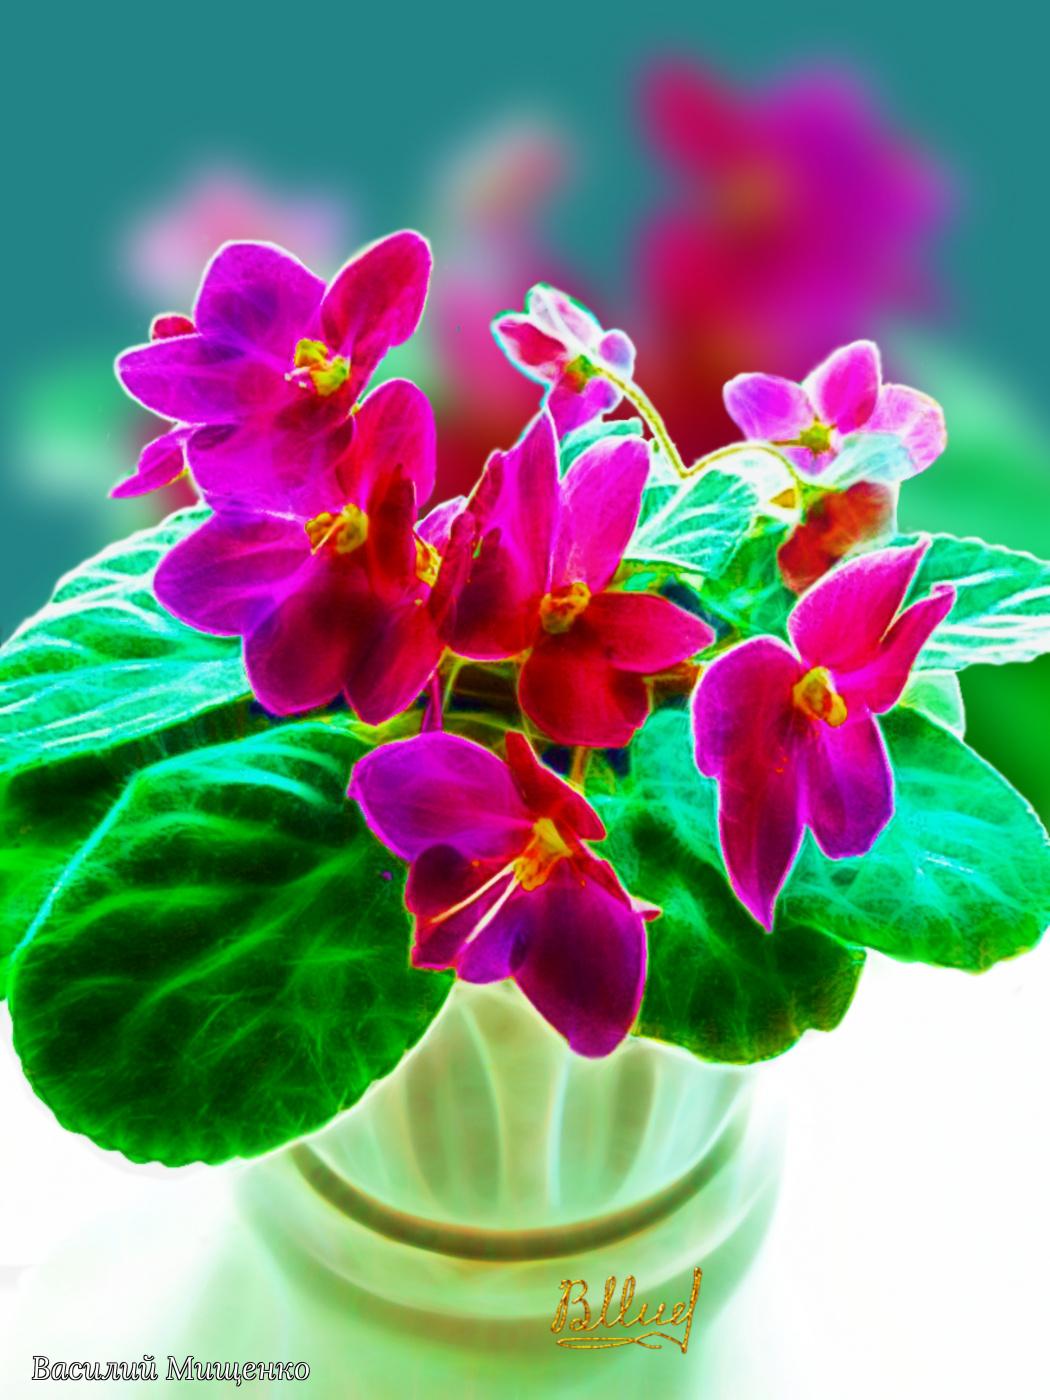 Vasiliy Mishchenko. Flowers 045